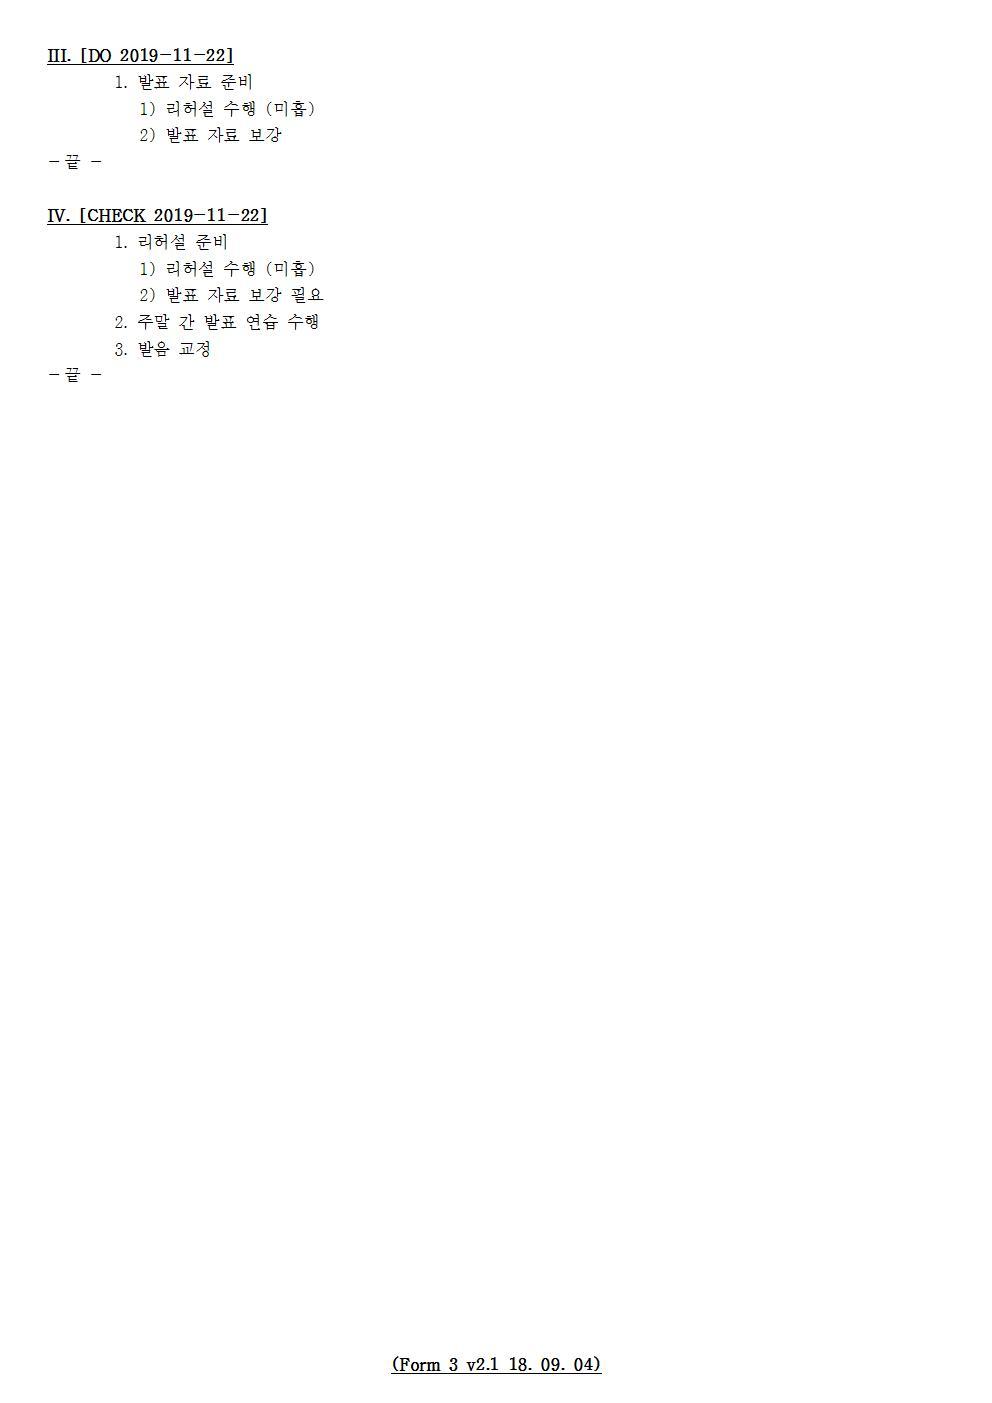 D-[19-009-PP-01]-[Conf-PoEM 2019]-[2019-11-22][JS]-[19-11-3]-[P+D+C]002.jpg